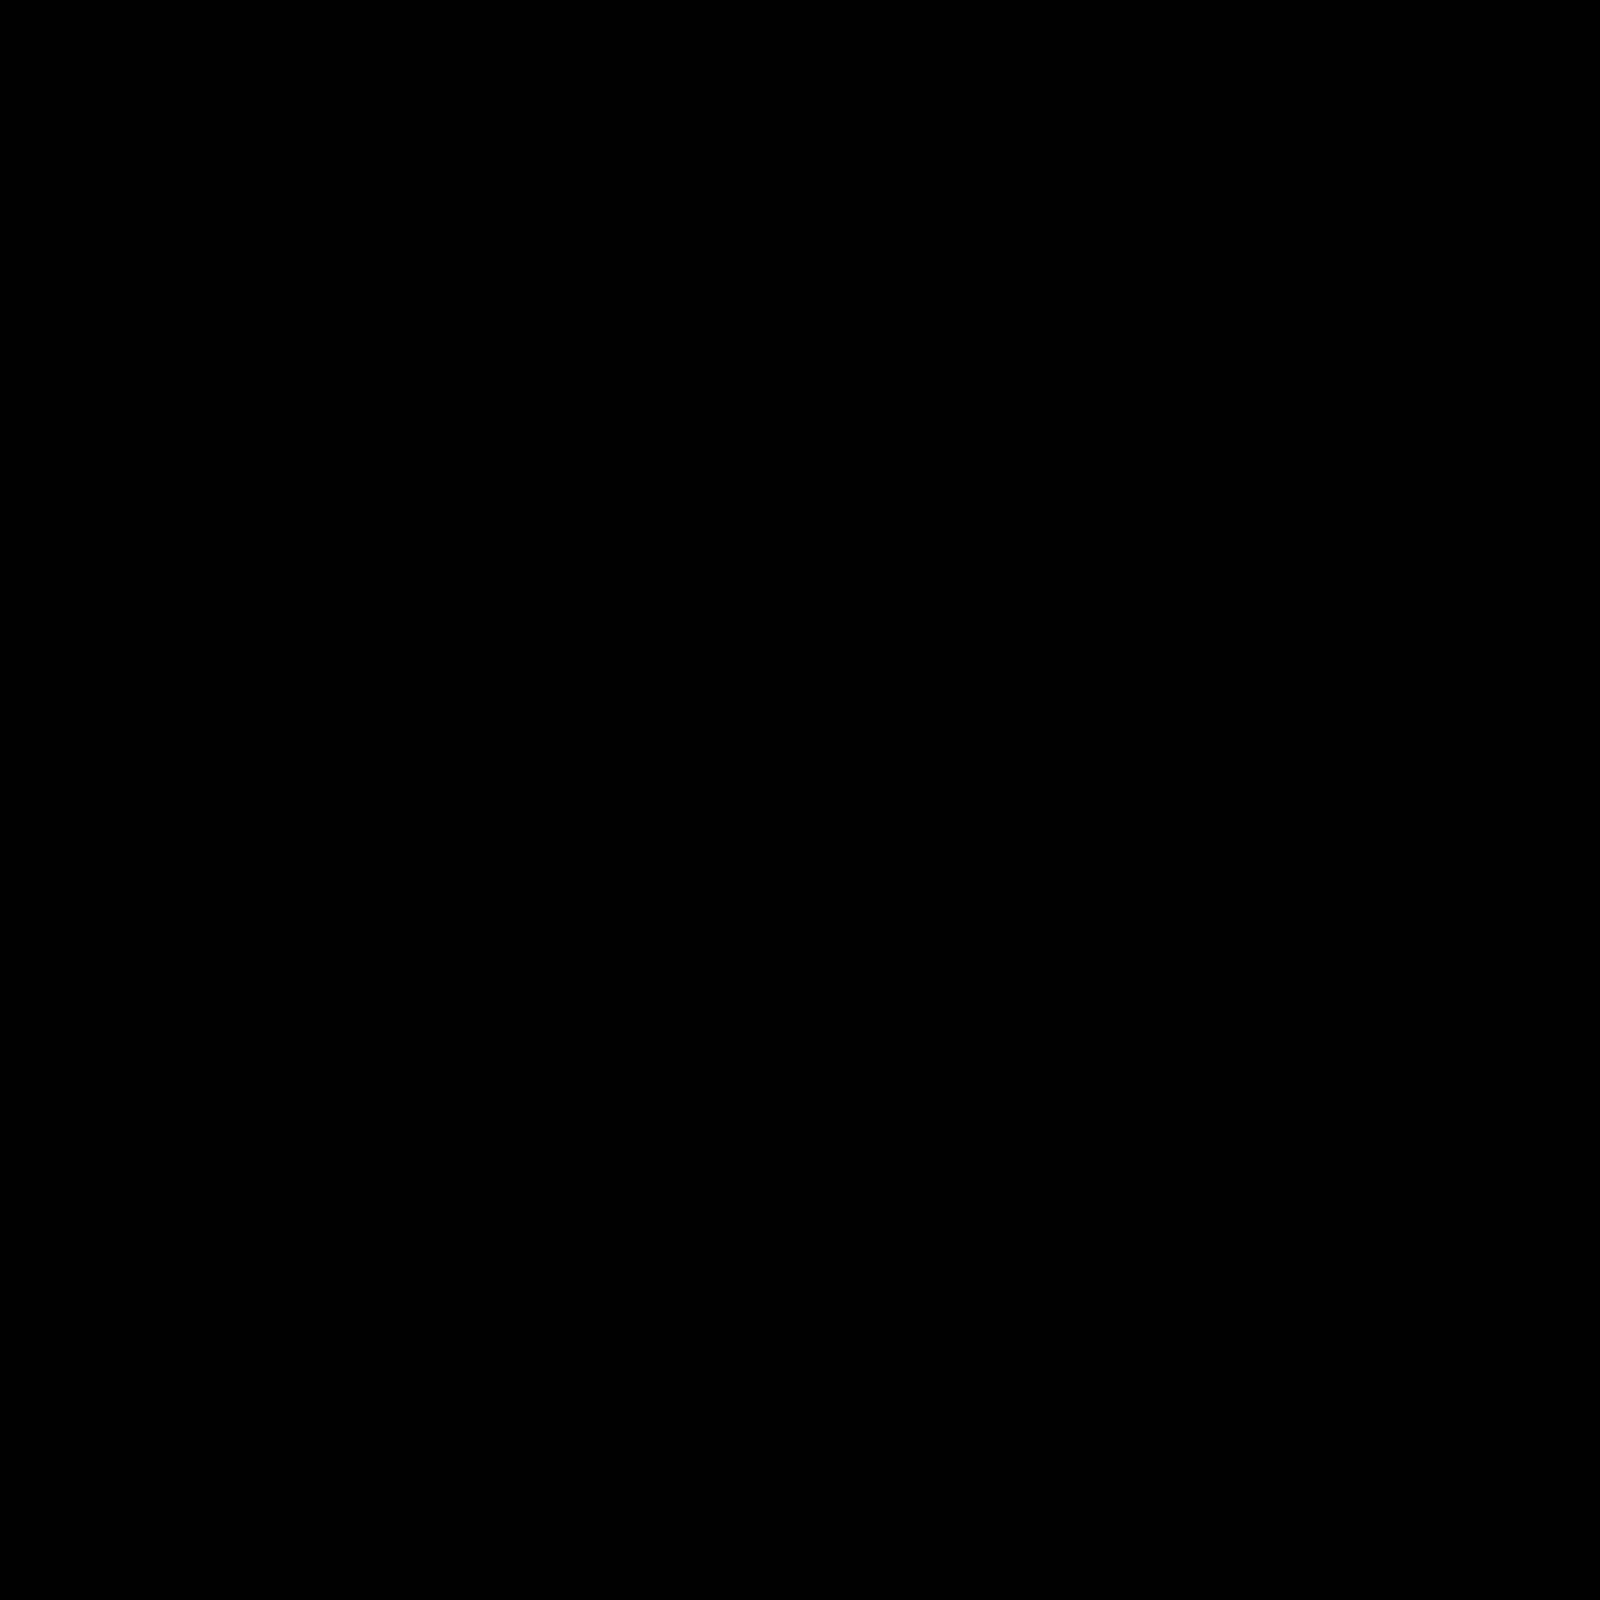 Nagroda icon